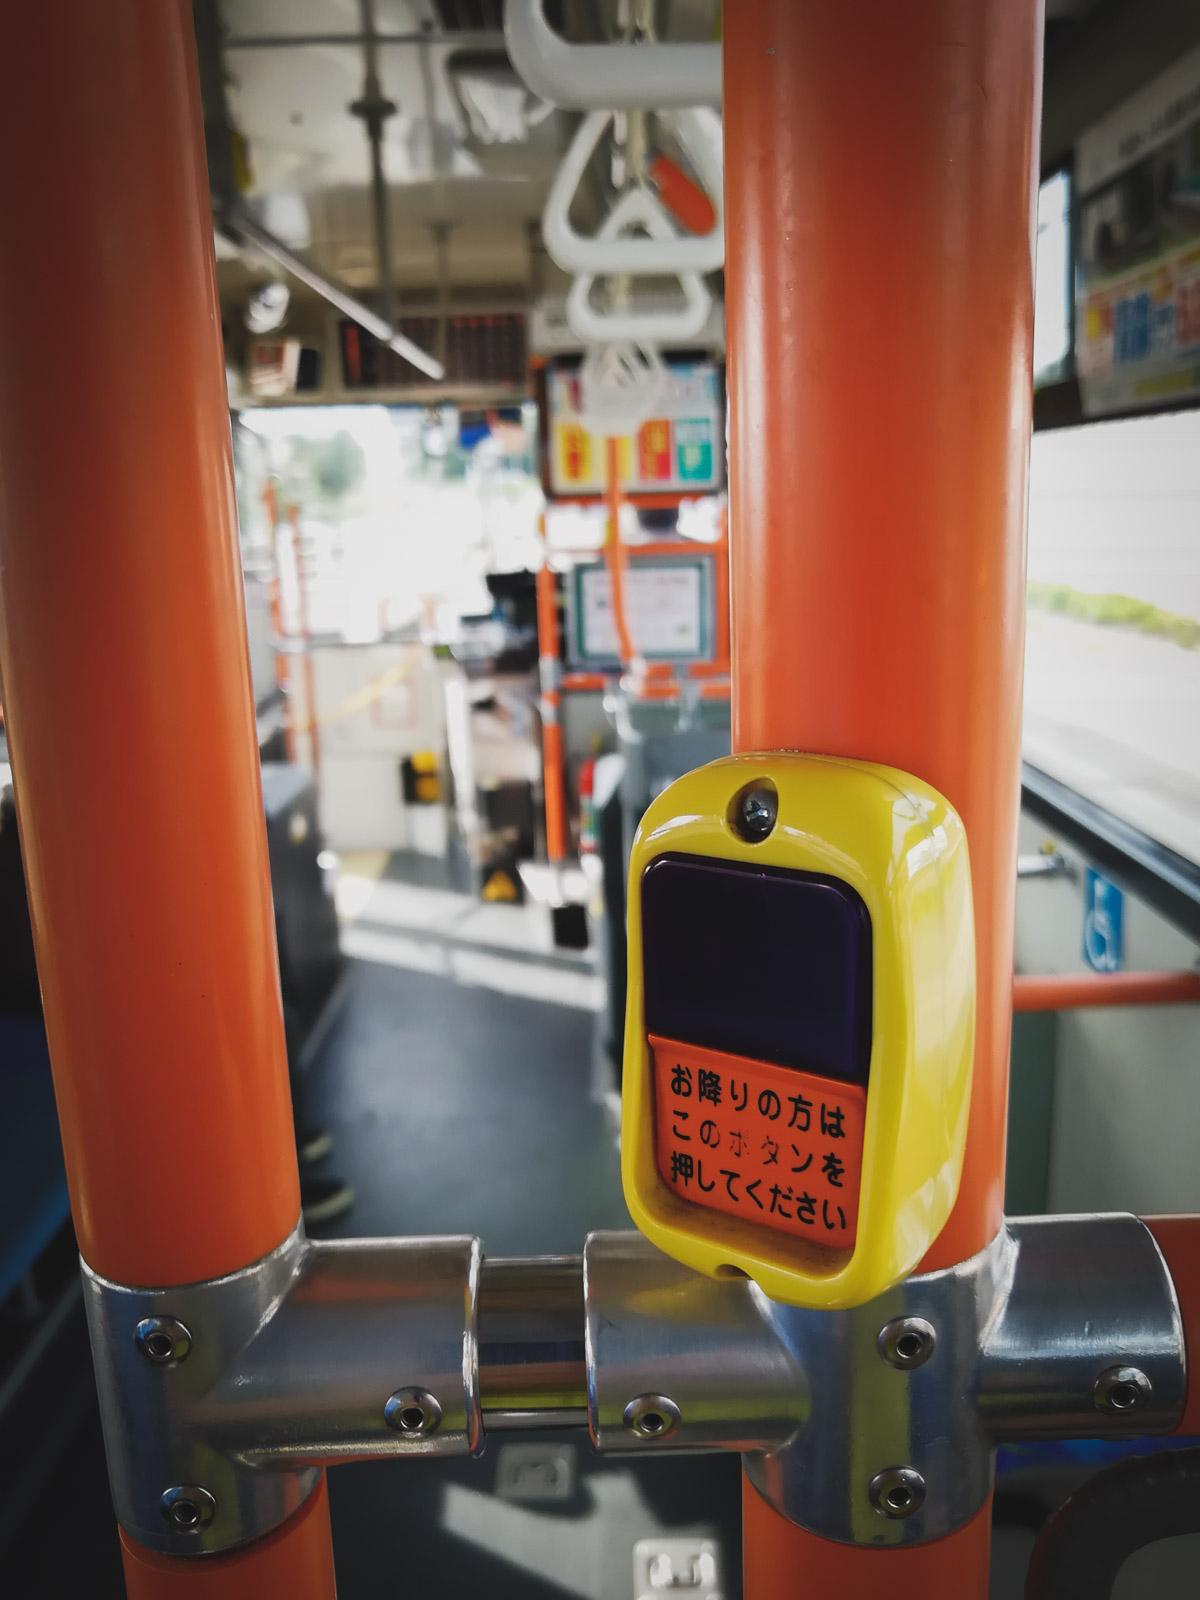 函館バス130系統の車内 降車ボタンのアップ